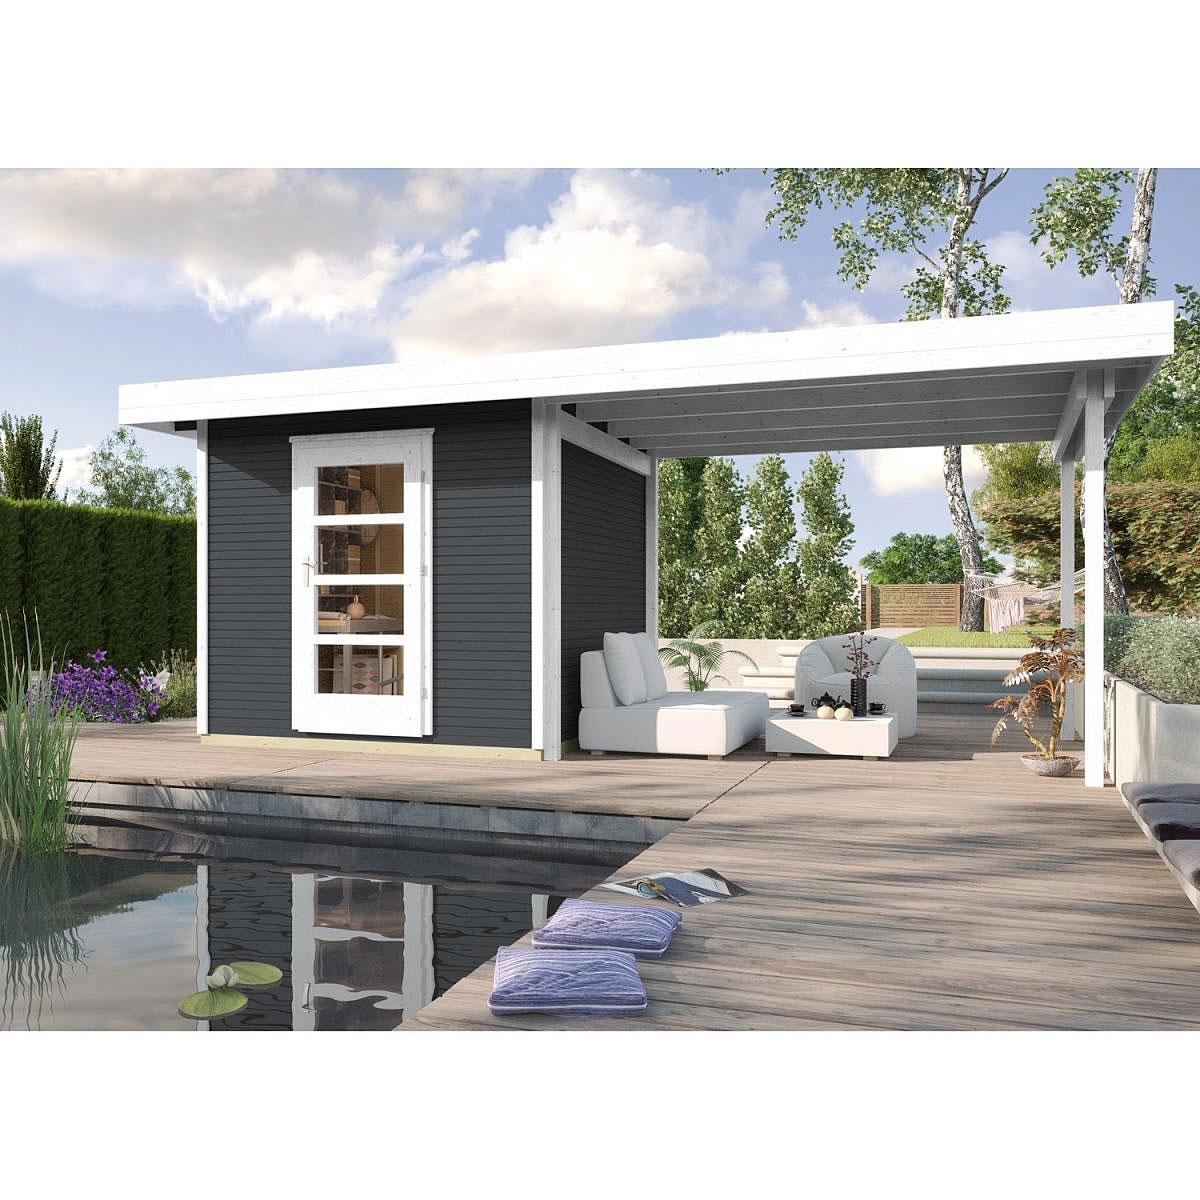 Weka Holz-Gartenhaus wekaLine Anthrazit 300 cm x 295 cm mit Anbau 300 cm